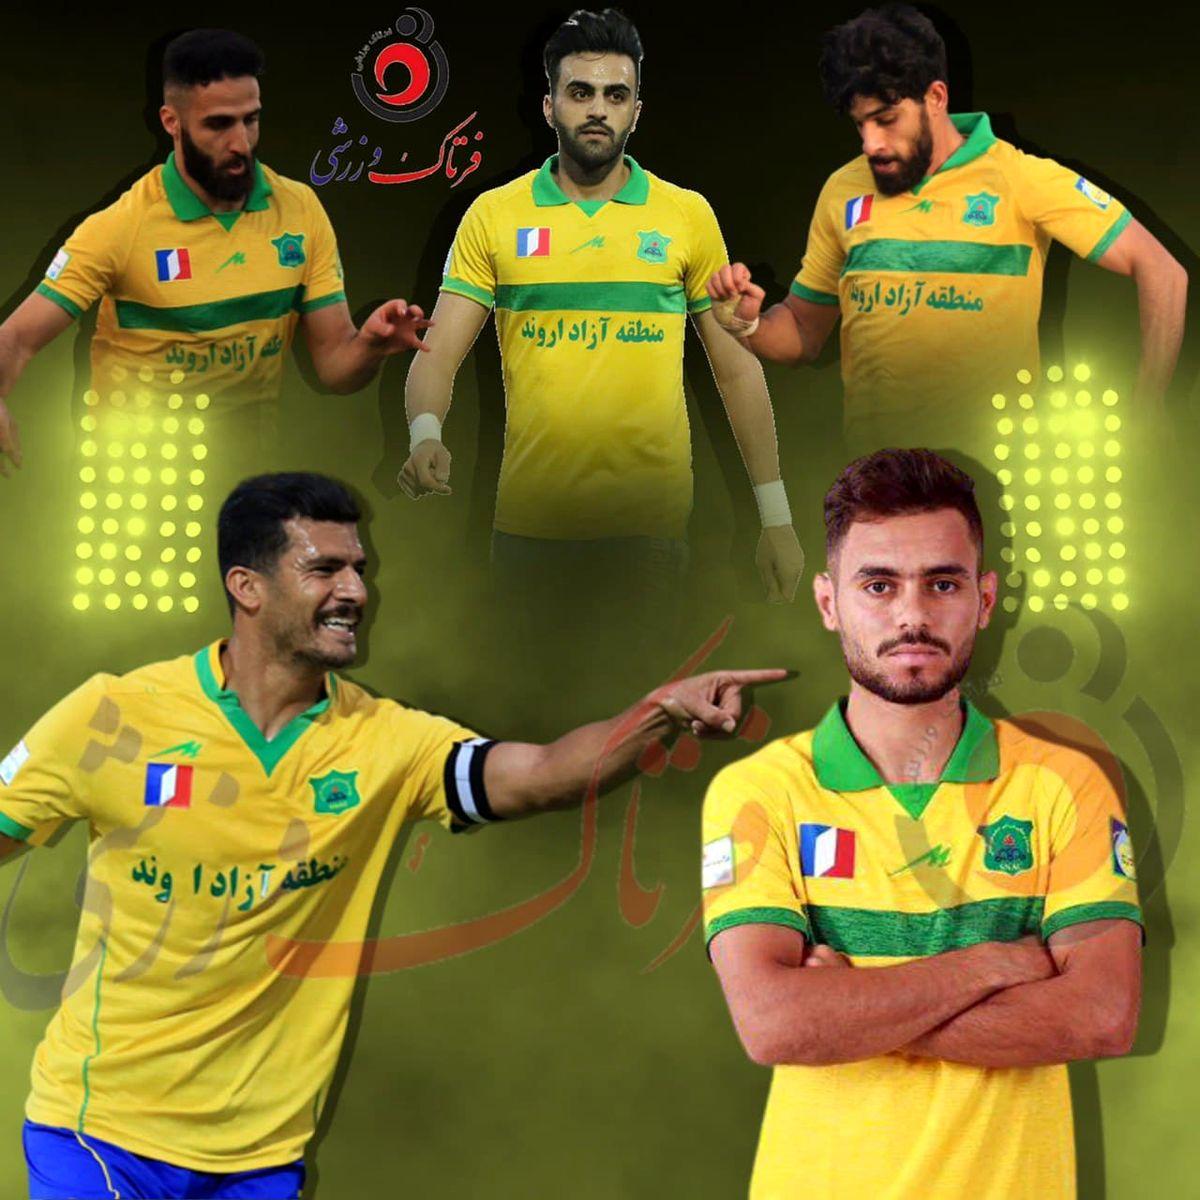 زرد طلایی/ پرچم برزیلیها بر فراز لیگ برتر